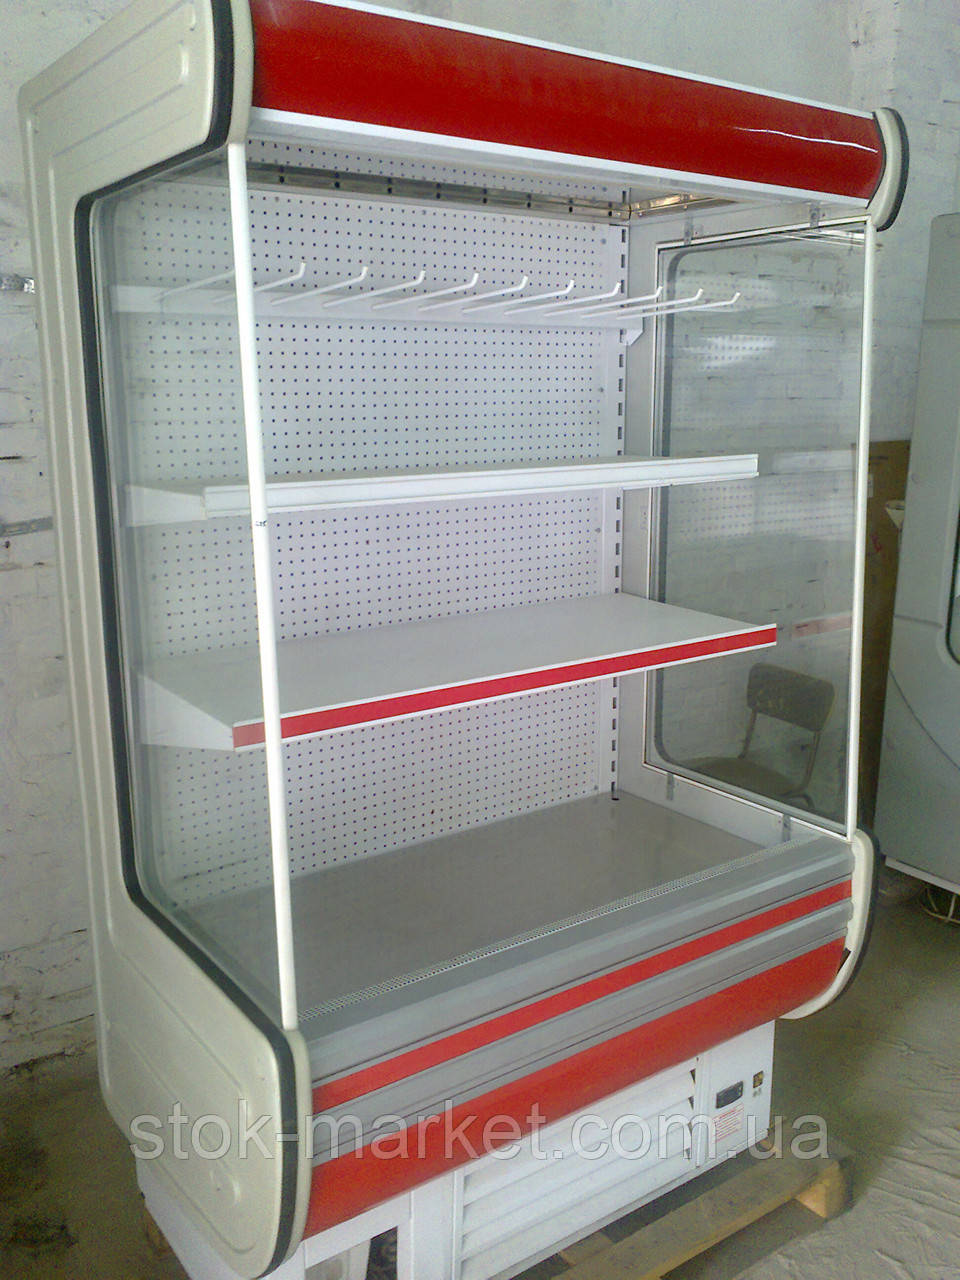 Холодильная горка Технохолод ВХС 1.2